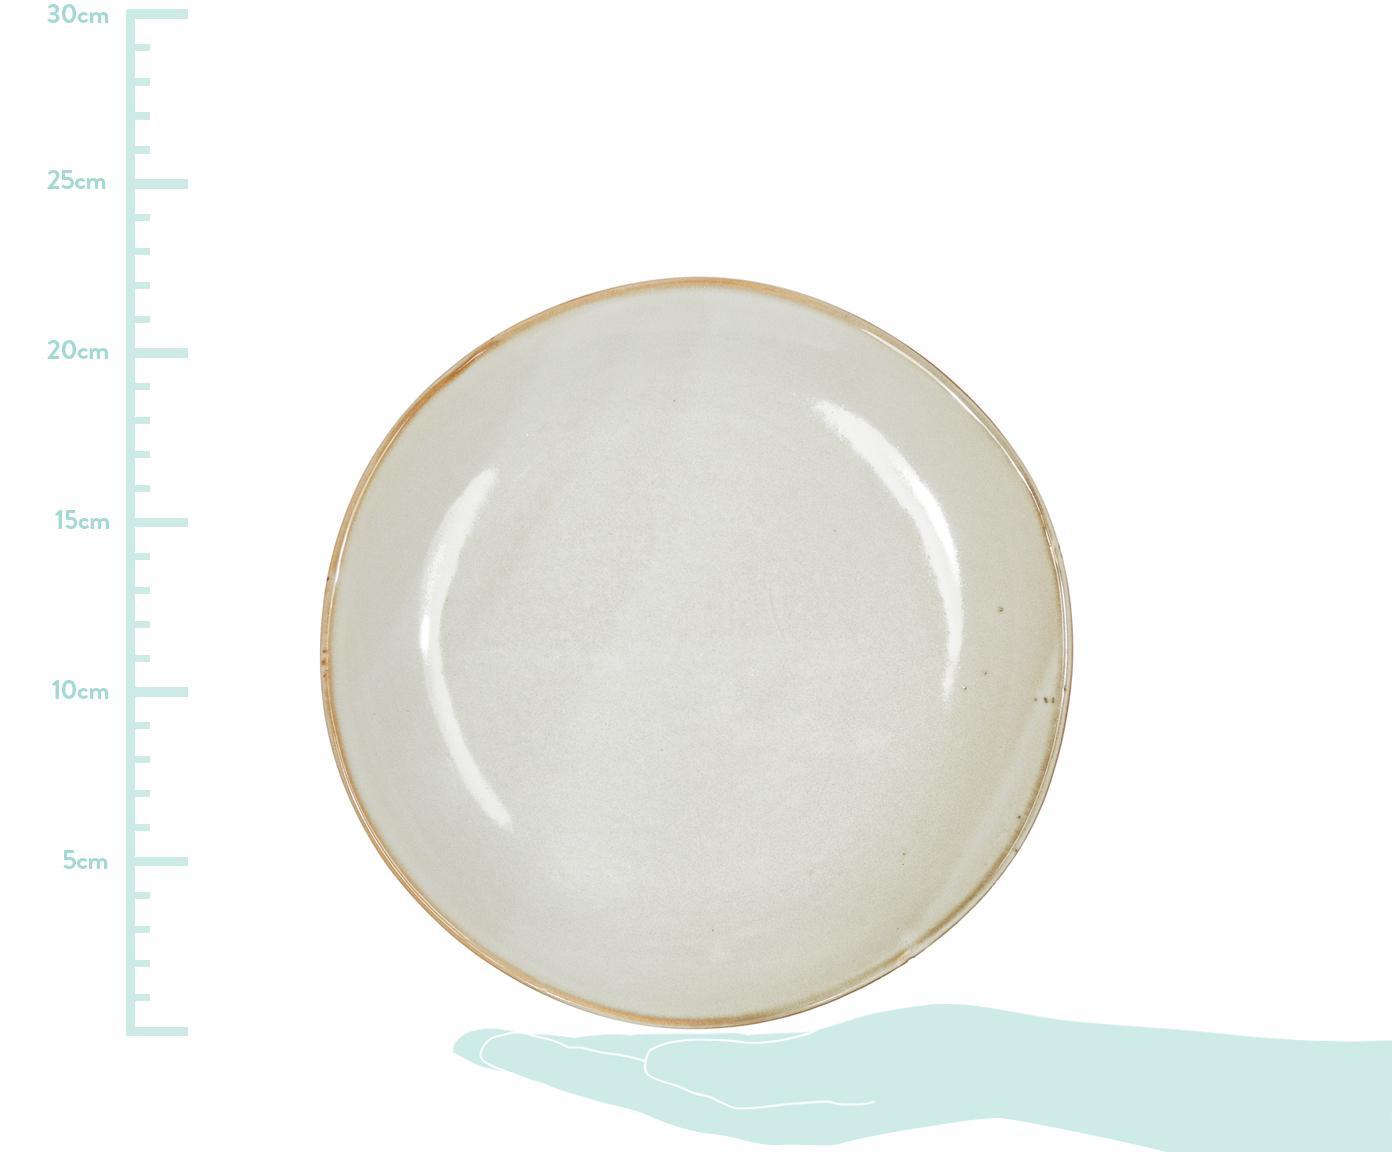 Handgemachte Frühstücksteller Thalia, 2 Stück, Steinzeug, Creme mit dunklem Rand, Ø 22 cm